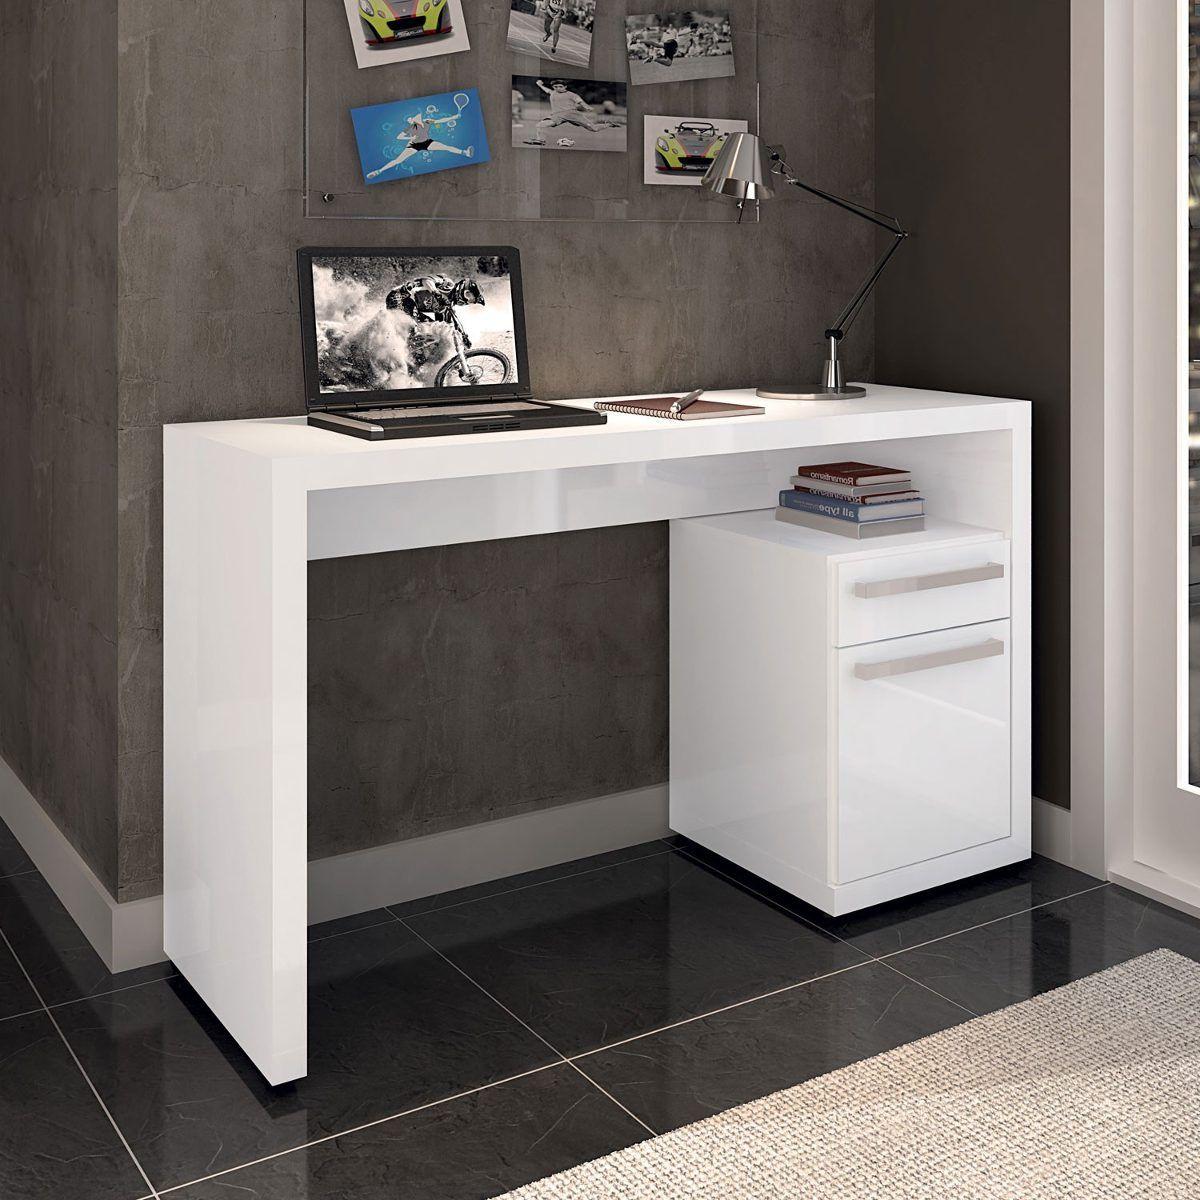 Modelos de escritorios para laptop buscar con google for Muebles para computadora office depot